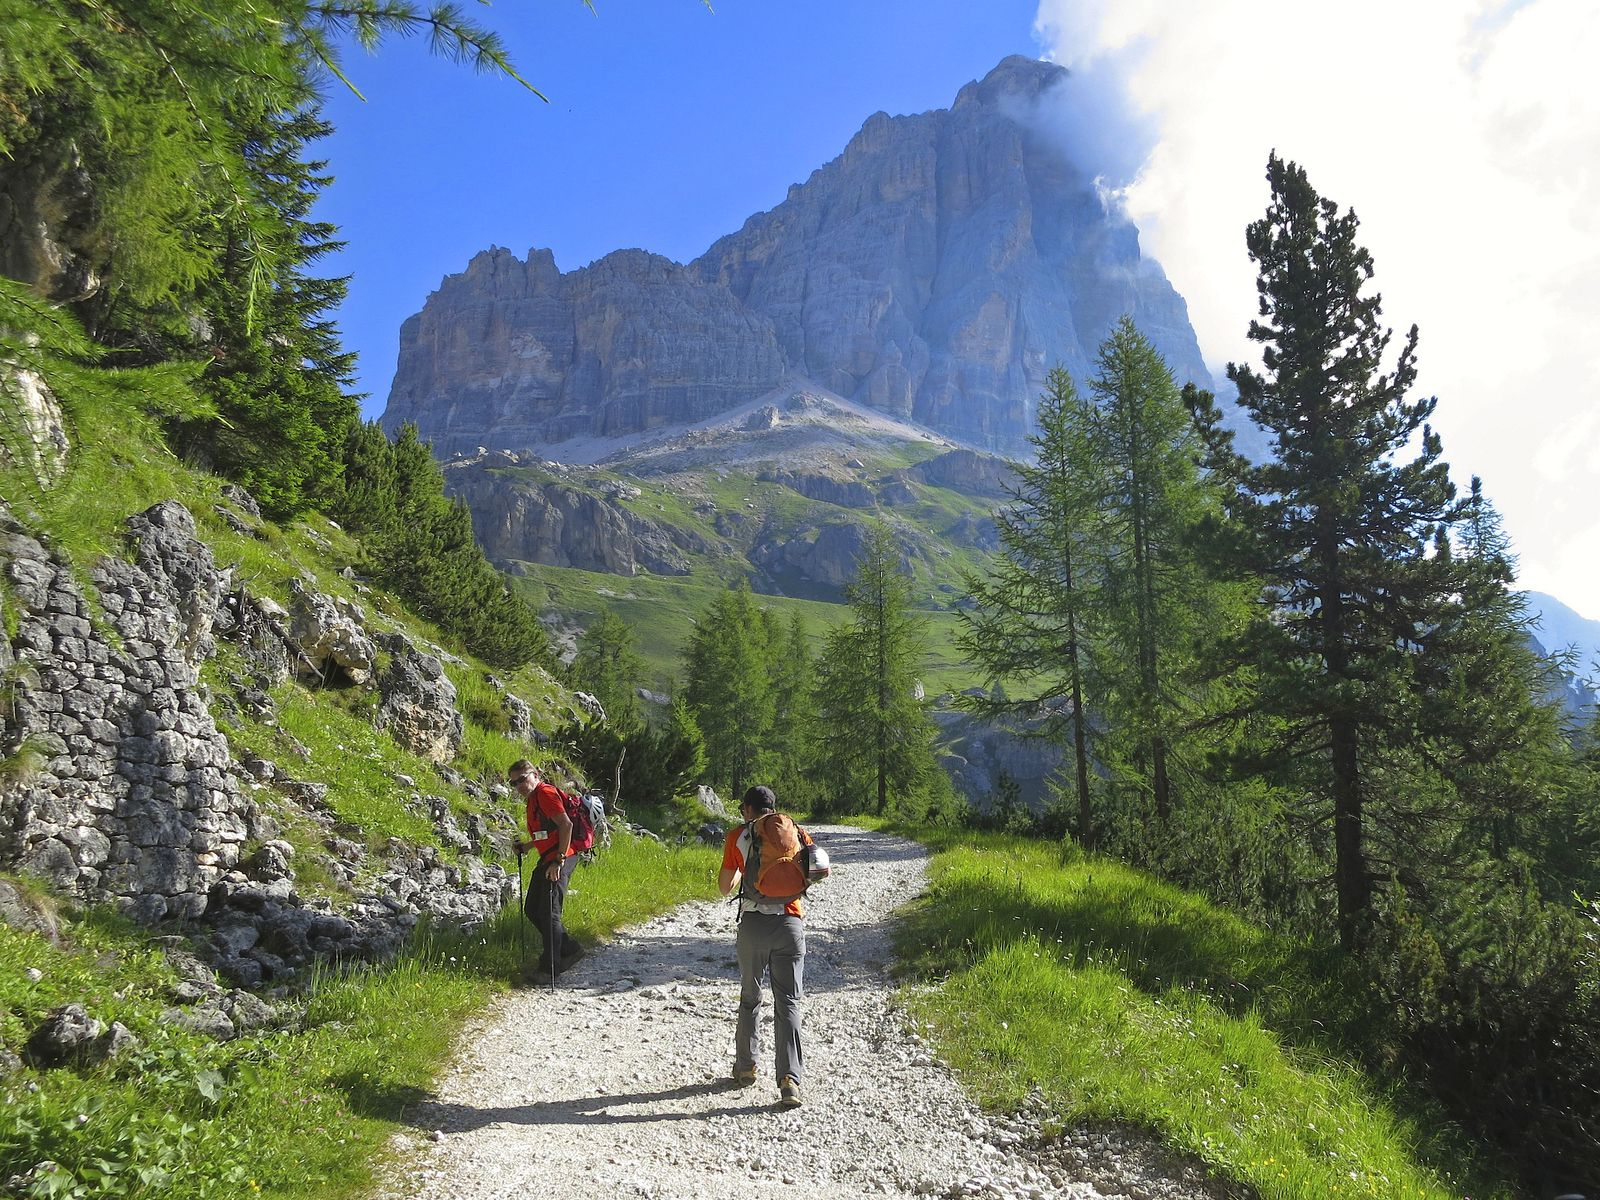 L'approche se fait par la piste militaire à l'est du passo Falzarego et du Col dei Bos, face à l'énorme versant sud de la Tofana di Rozès.